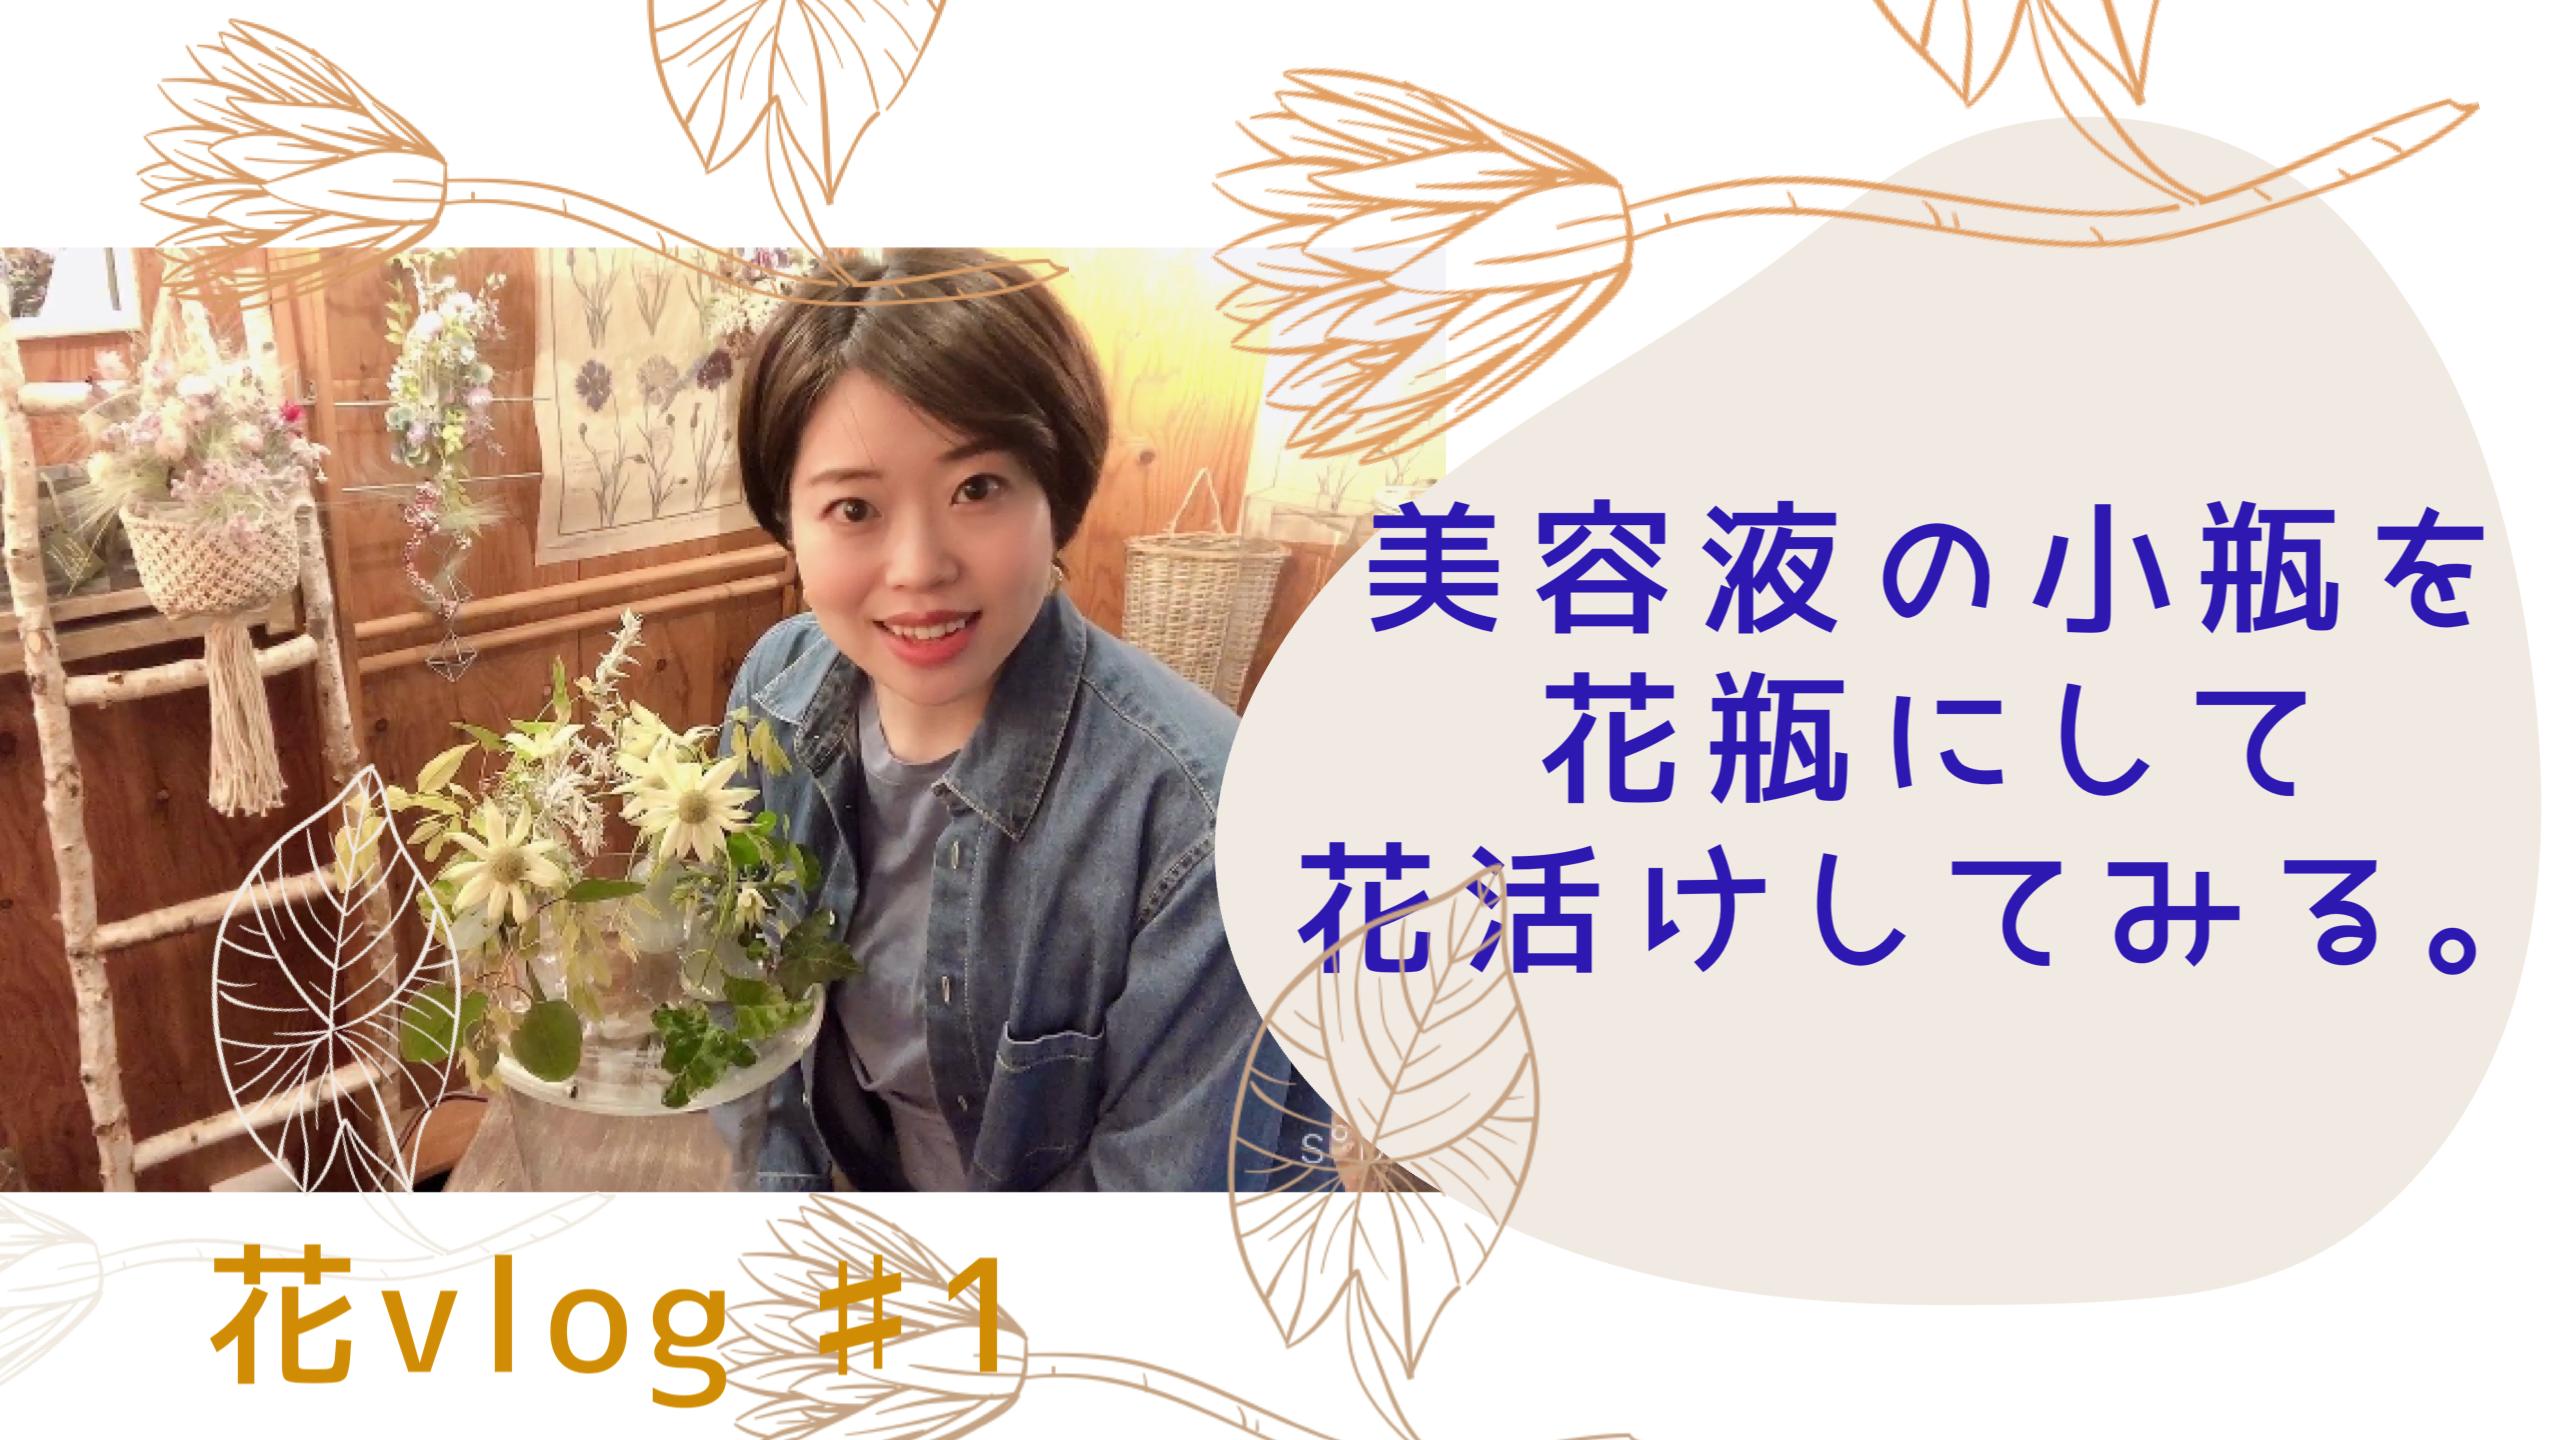 【動画】花vlog#1.お庭の花を摘んで『美容液の瓶』を花瓶代わりにして花活けしてみよう